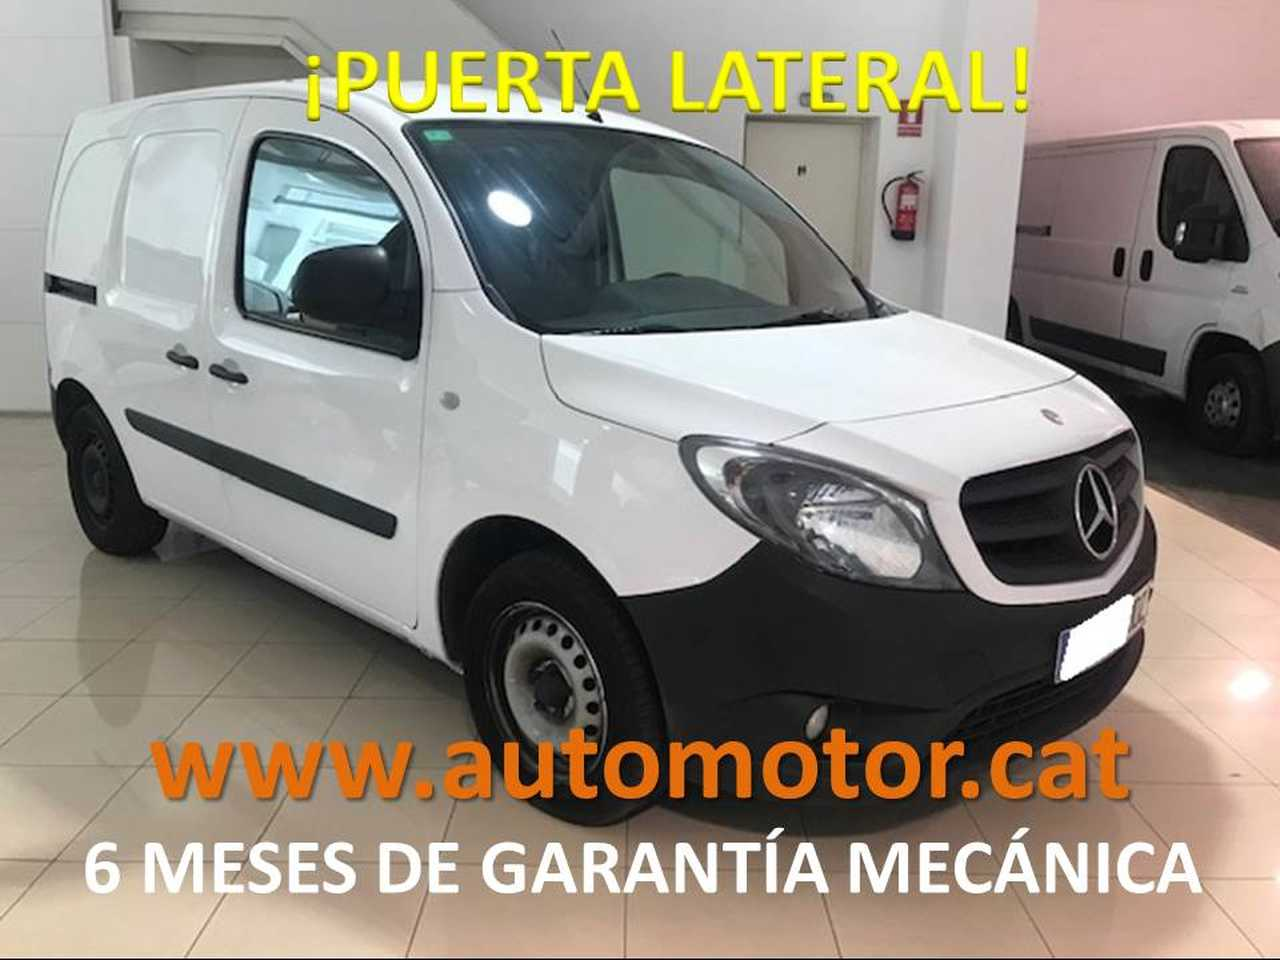 Mercedes Citan Furgón 109 CDI Compacto -  GARANTIA MECANICA  - Foto 1